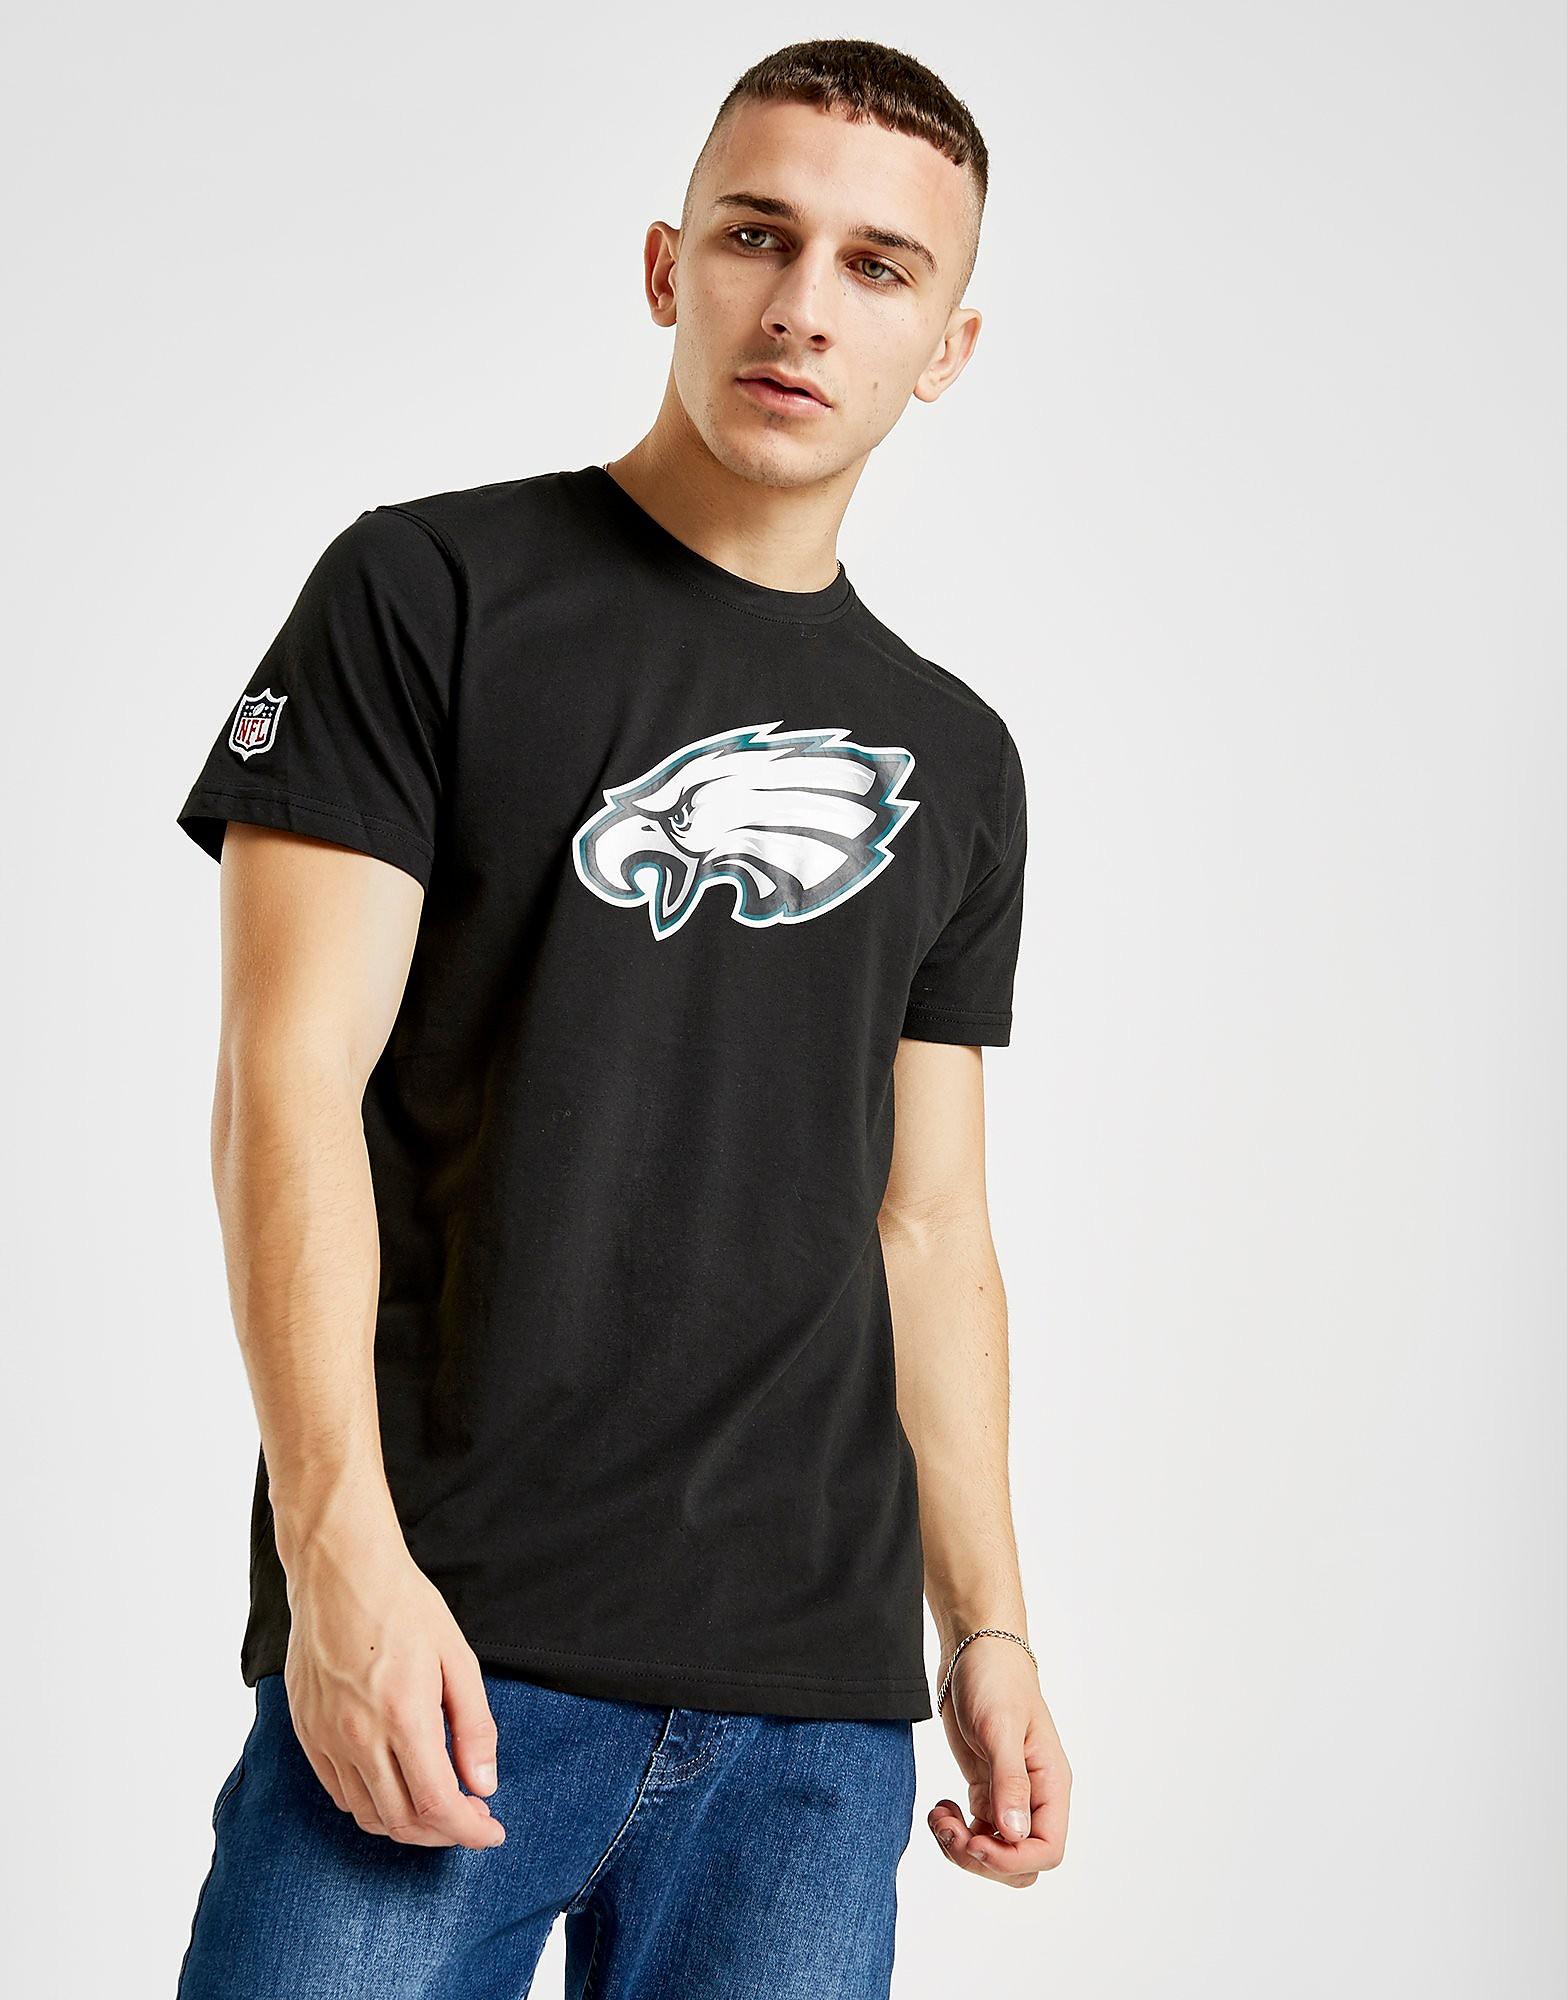 New Era NFL Philadelphia Eagles T-Shirt Heren - Zwart - Heren